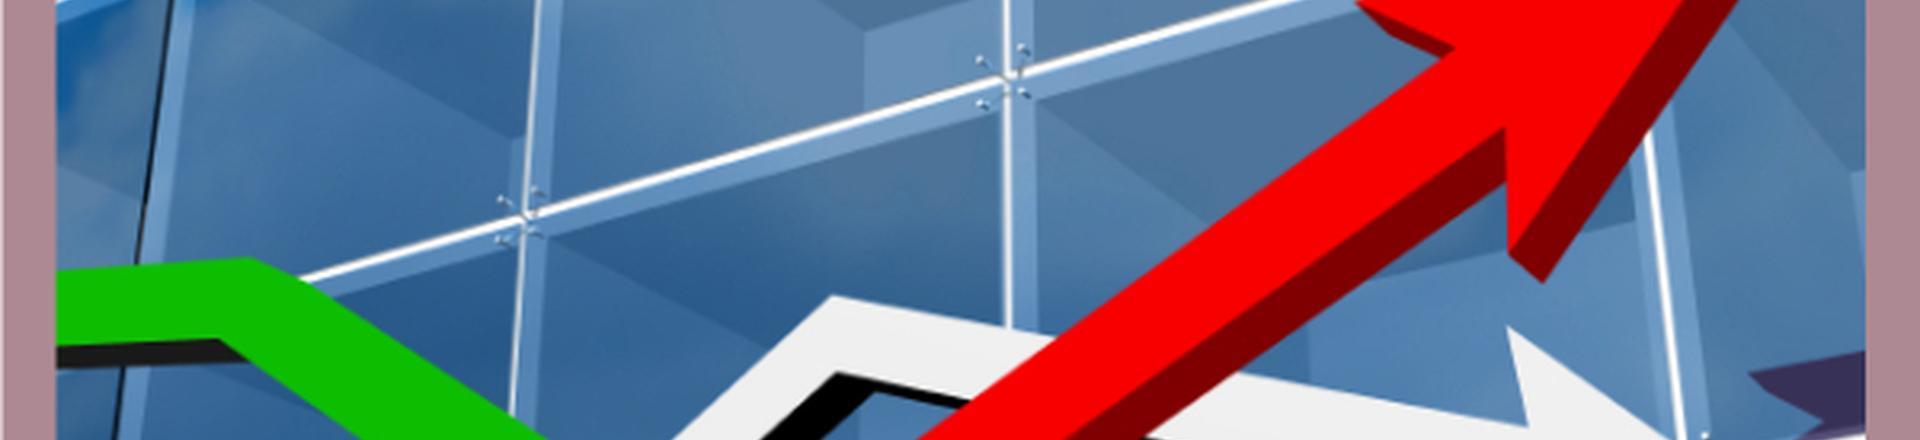 Dynamiczna firma – kluczowe czynniki sukcesu w biznesie nowej generacji - Katowice